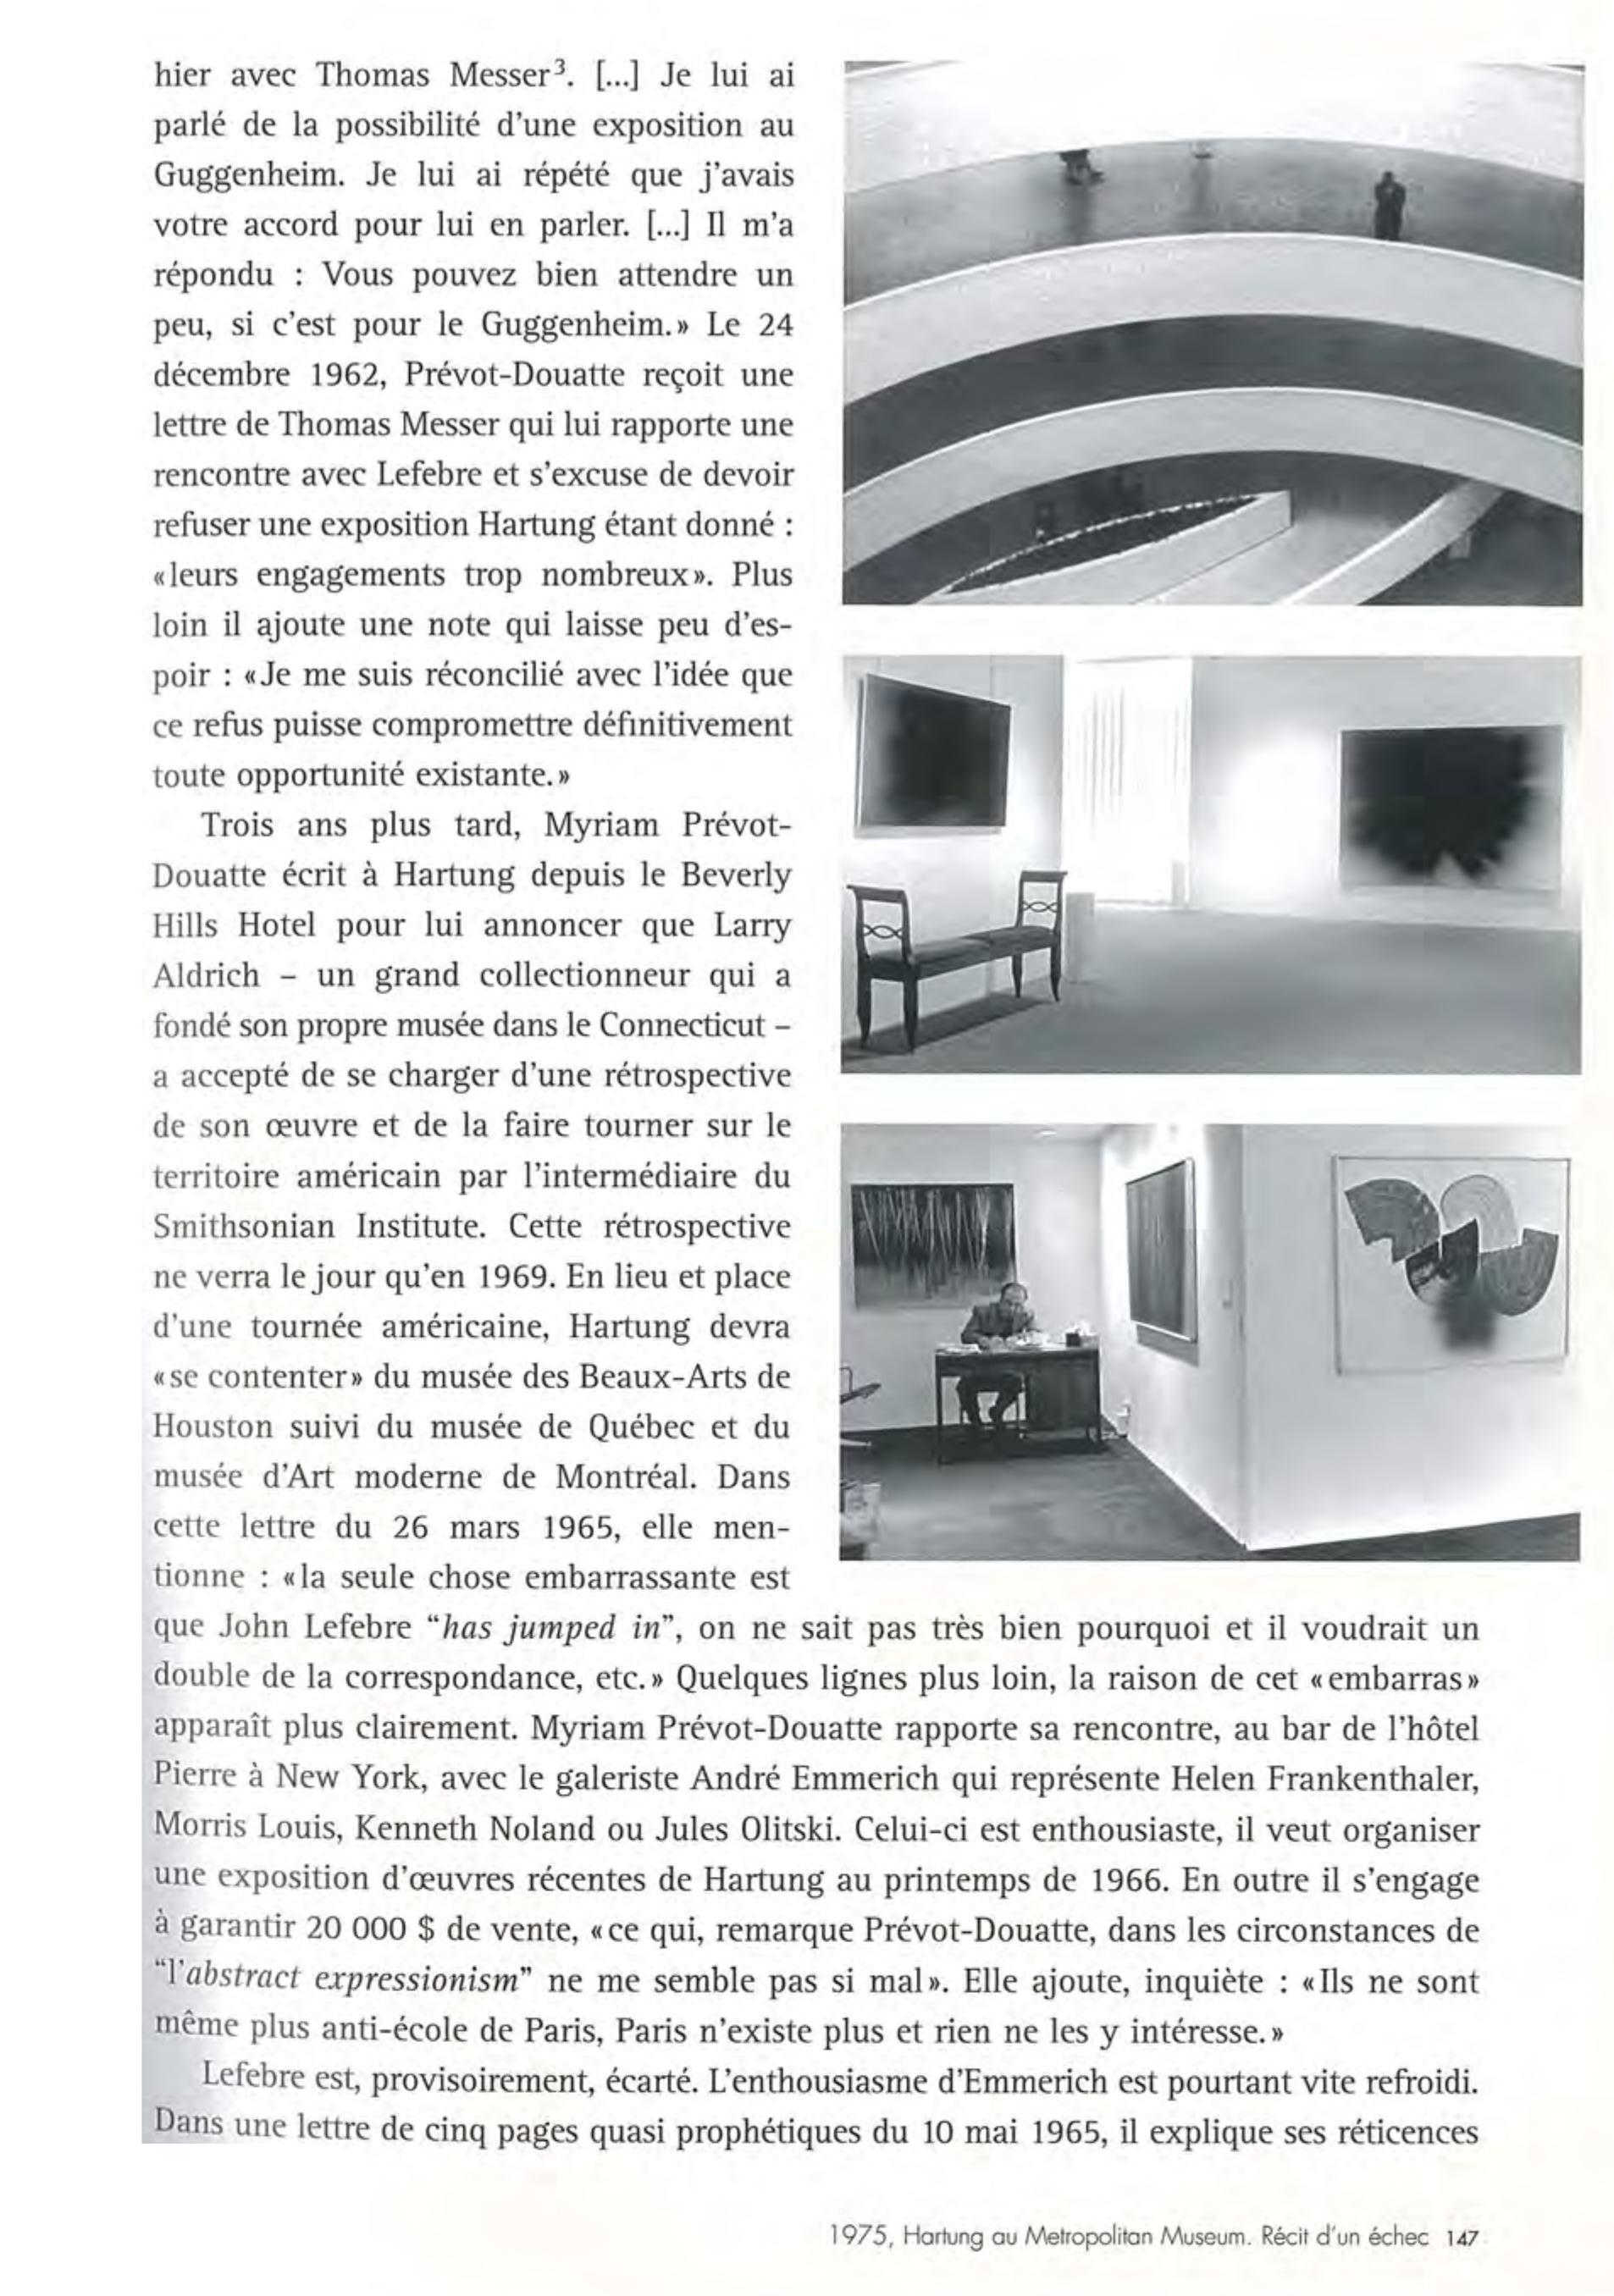 """Anne Pontégnie, """"1975, Hartung au Metropolitan Museum. Récit d'un Echec"""" in: """"Hans Hartung. 10 Perspectives"""", edited by Anne Pontégnie. Milan: 5 Continents, 2006, p.144-159."""